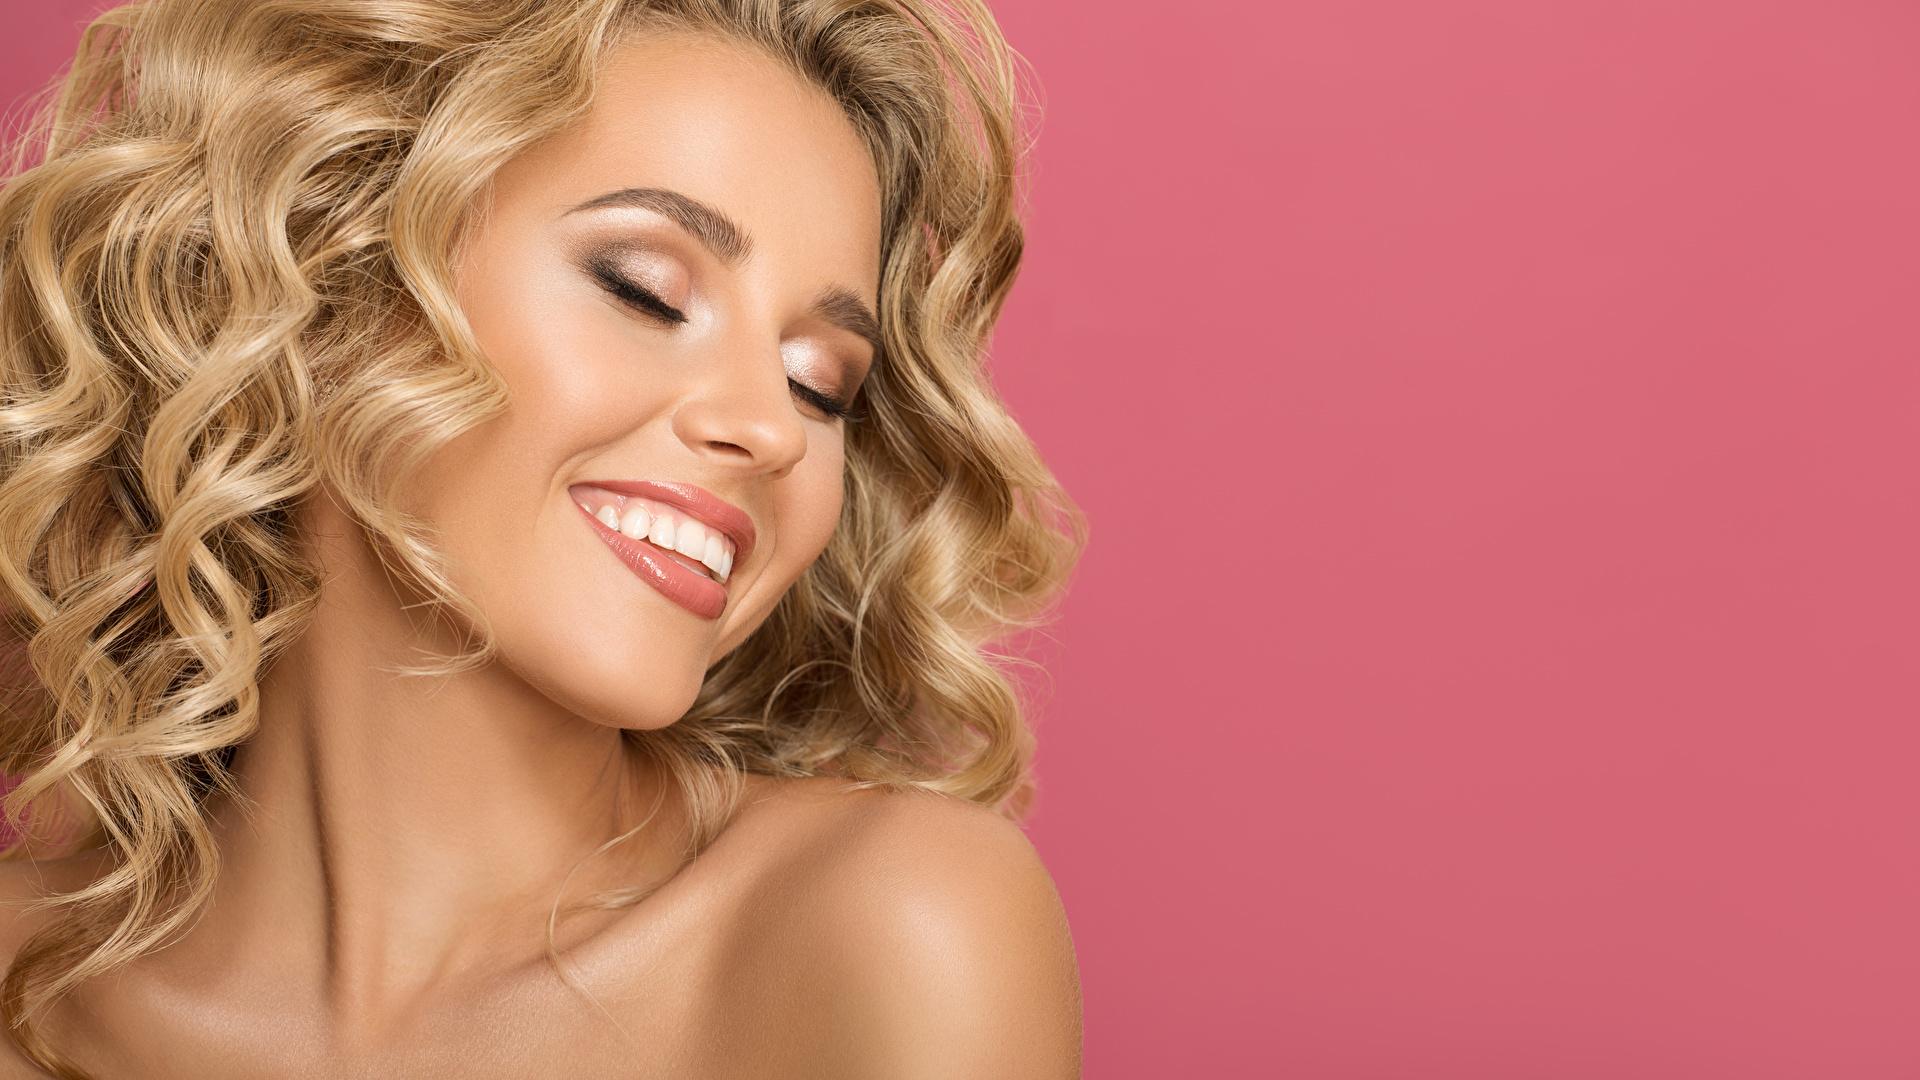 Картинки Лицо Розовый фон Улыбка Девушки Блондинка 1920x1080 лица девушка улыбается молодая женщина молодые женщины блондинки блондинок